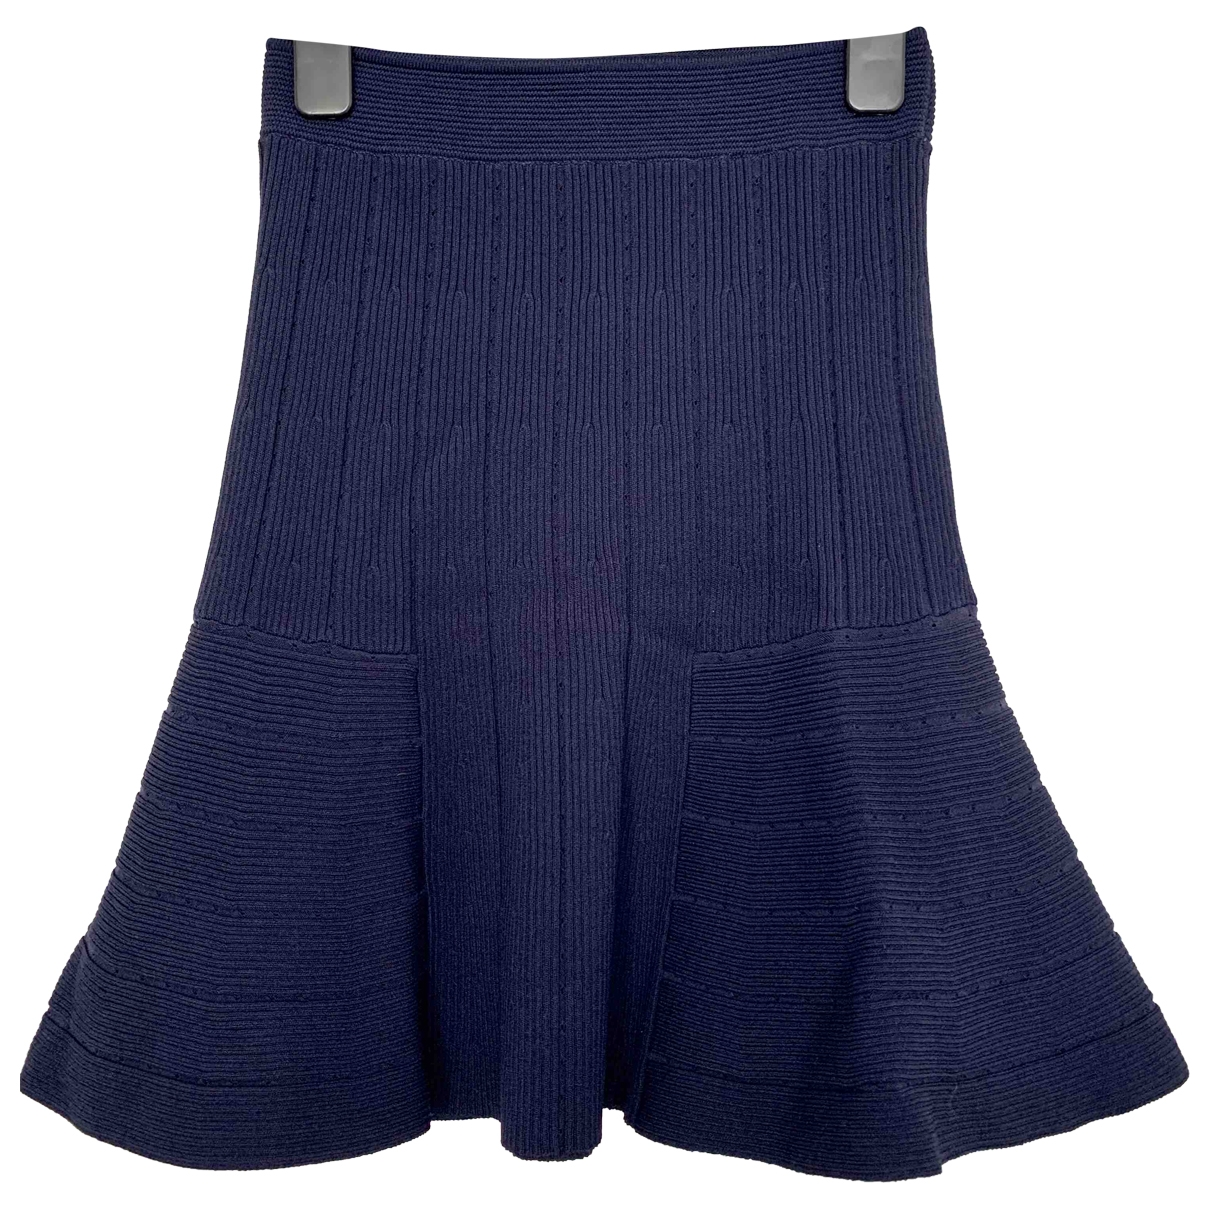 Sandro \N Navy skirt for Women 36 FR